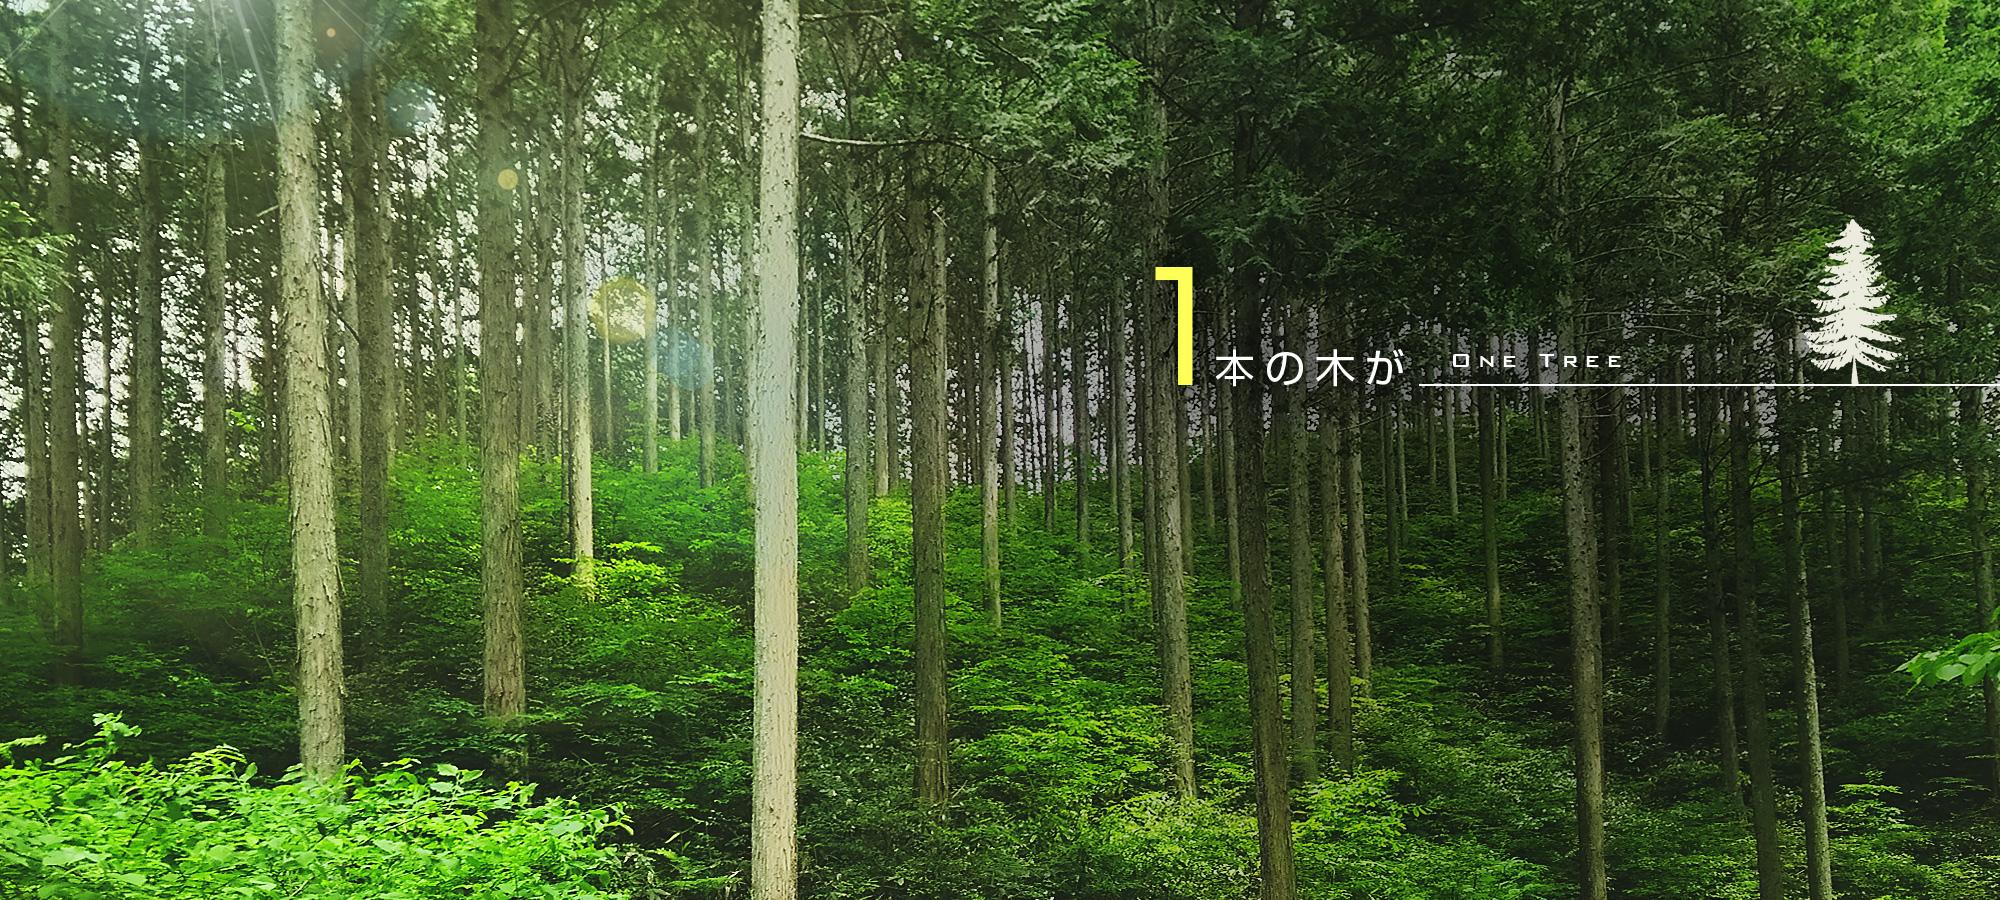 1本の木が